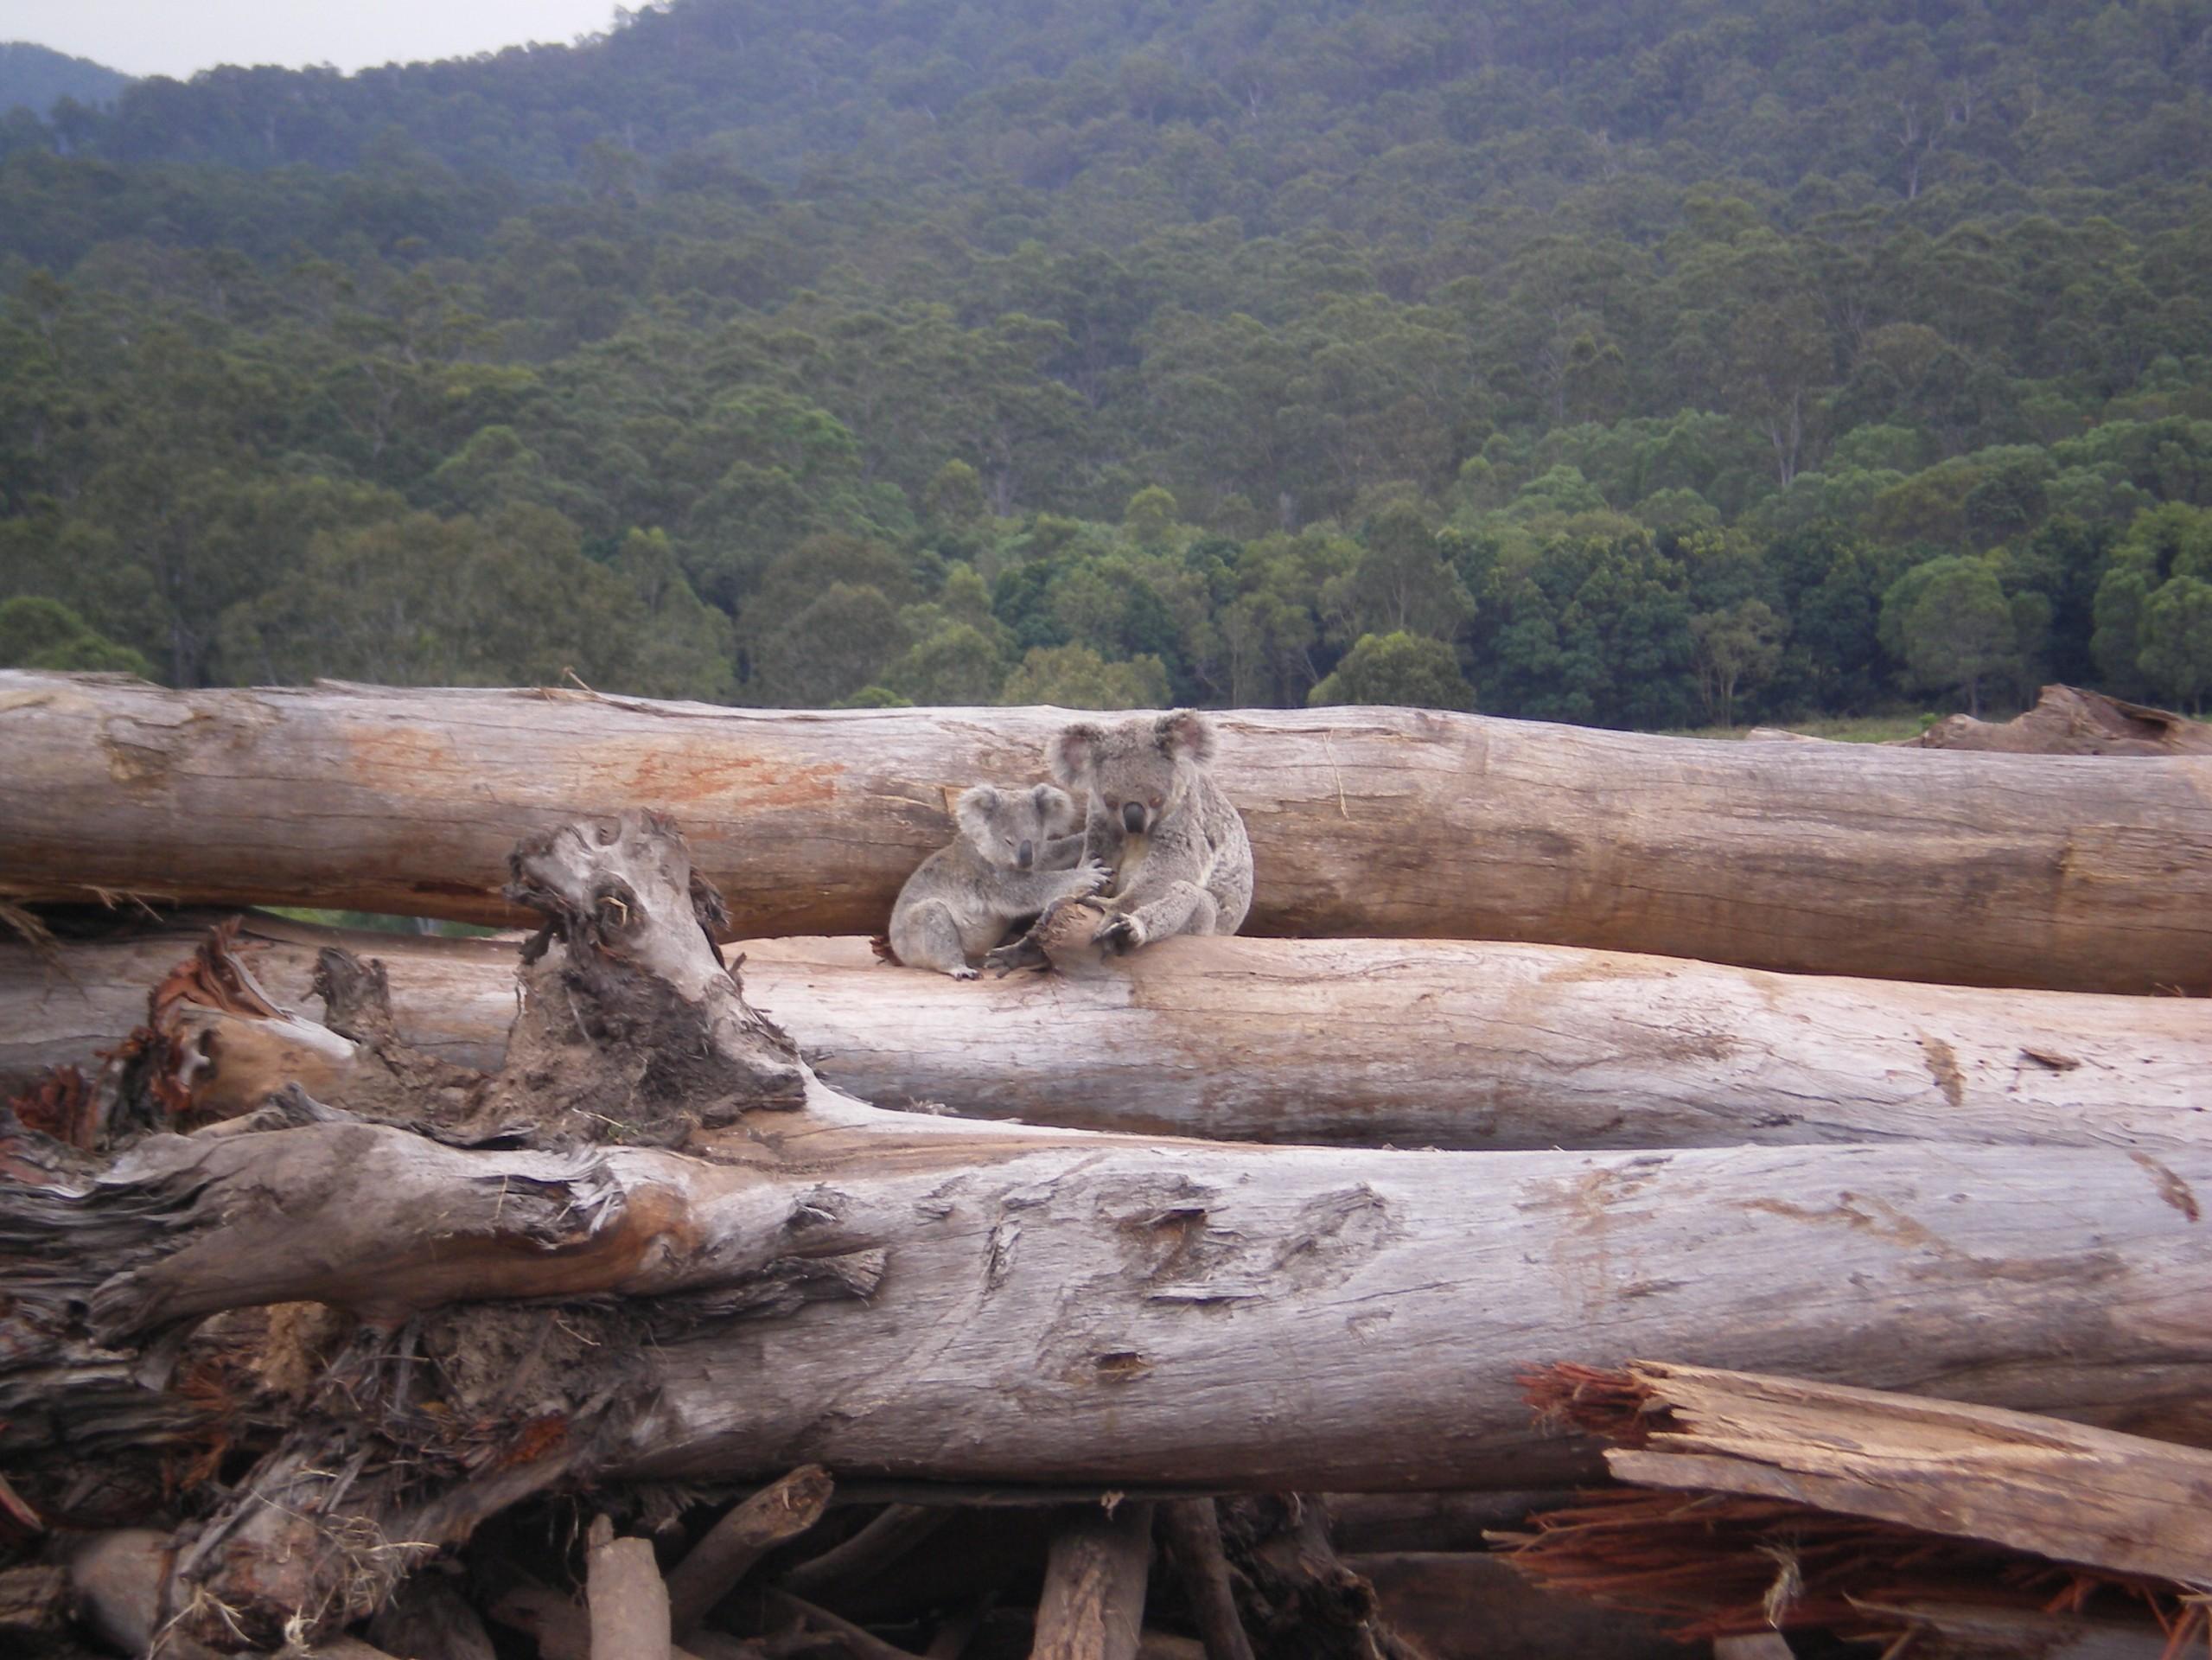 Une mère koala et ses petits se réfugient sur des arbres abattus par des bulldozers.